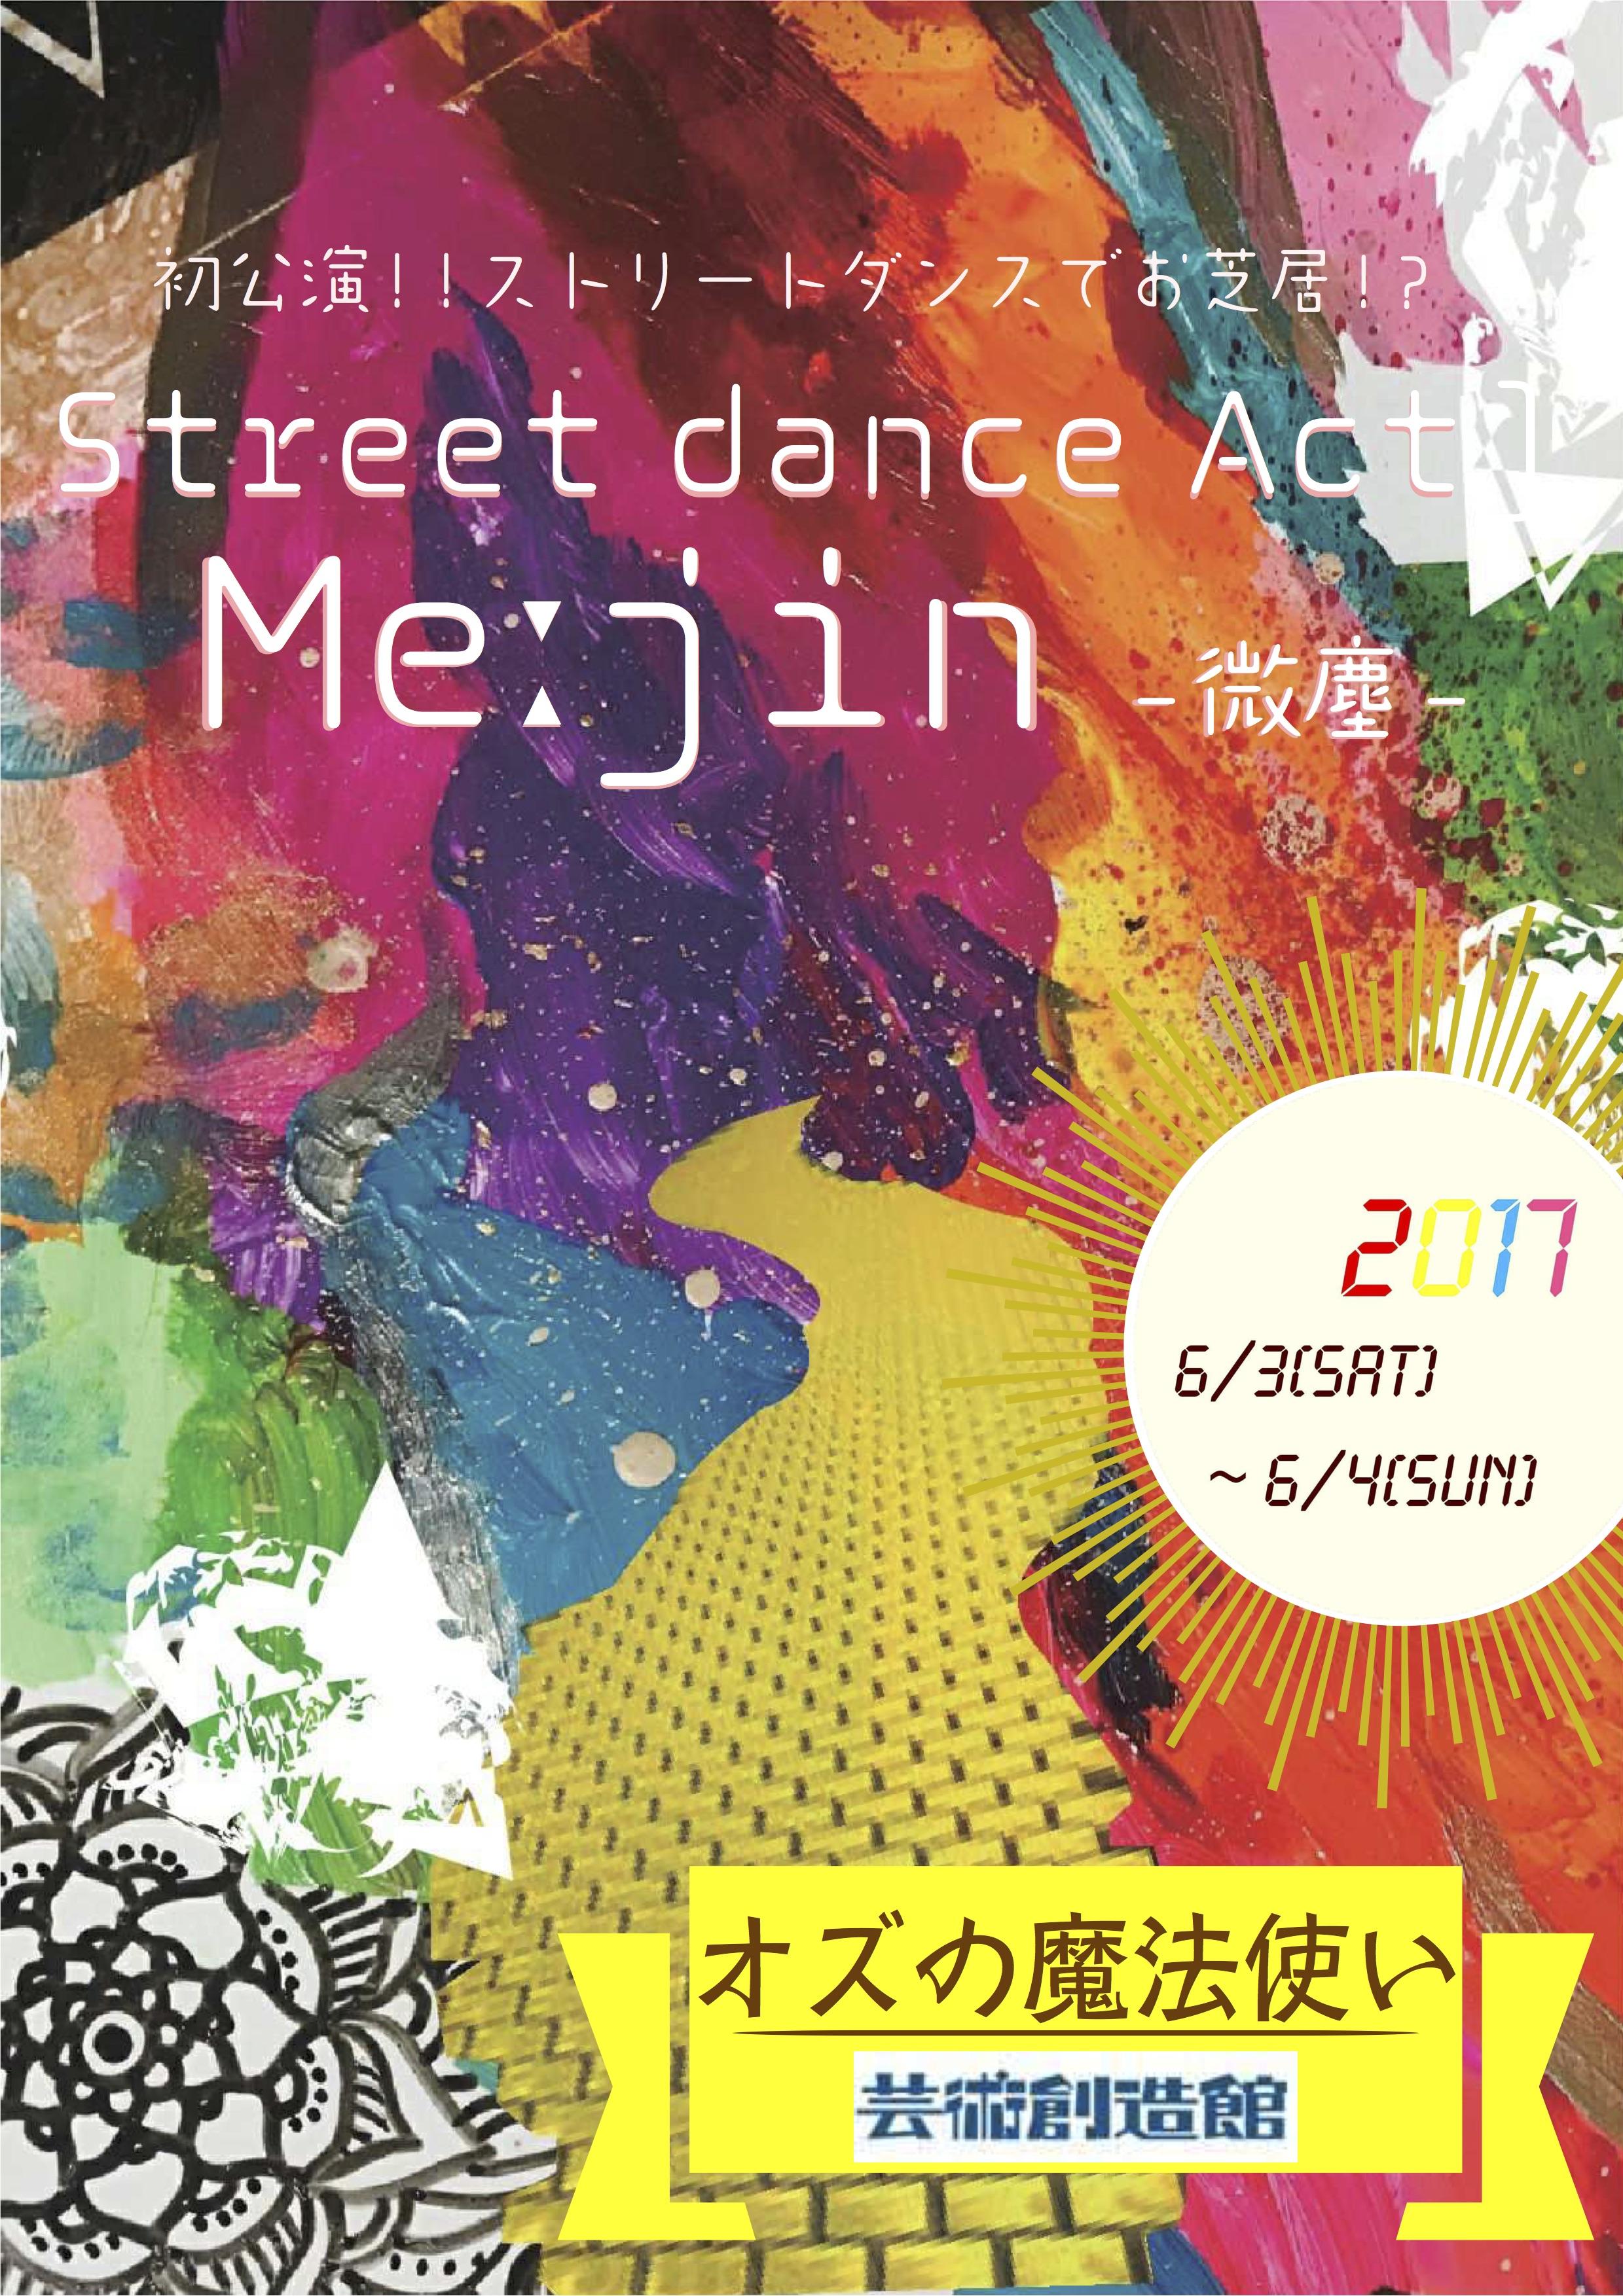 20170302-streetdanceactmejin.jpg